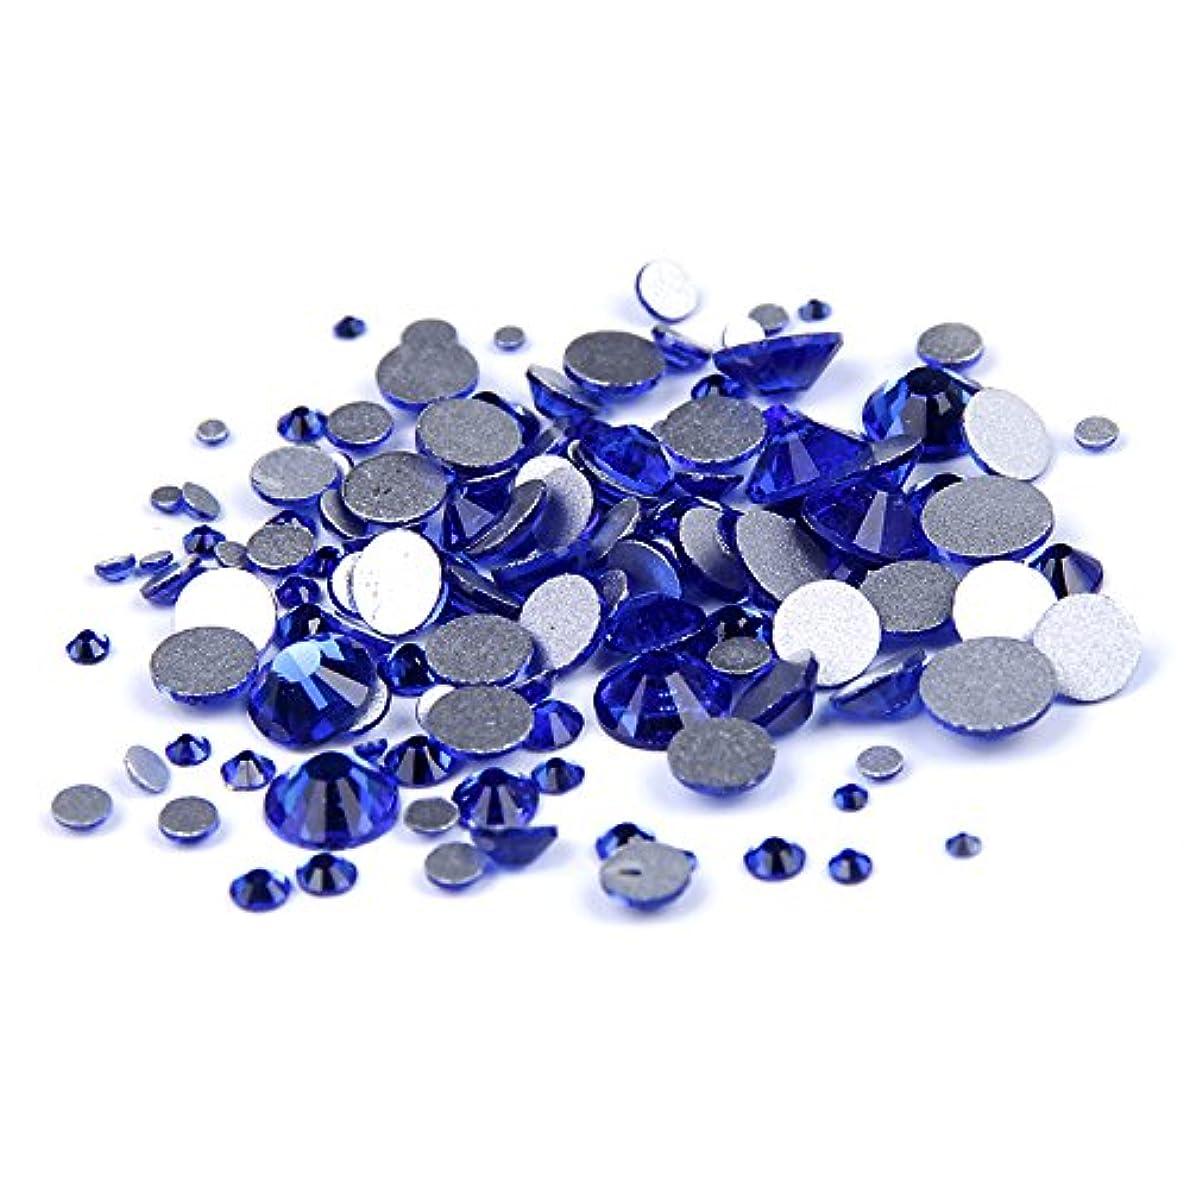 枝孤独な終わらせるNizi ジュエリー ブランド カップリブルー ラインストーン は ガラスの材質 ネイル使用 型番ss3-ss34 (SS5 1440pcs)